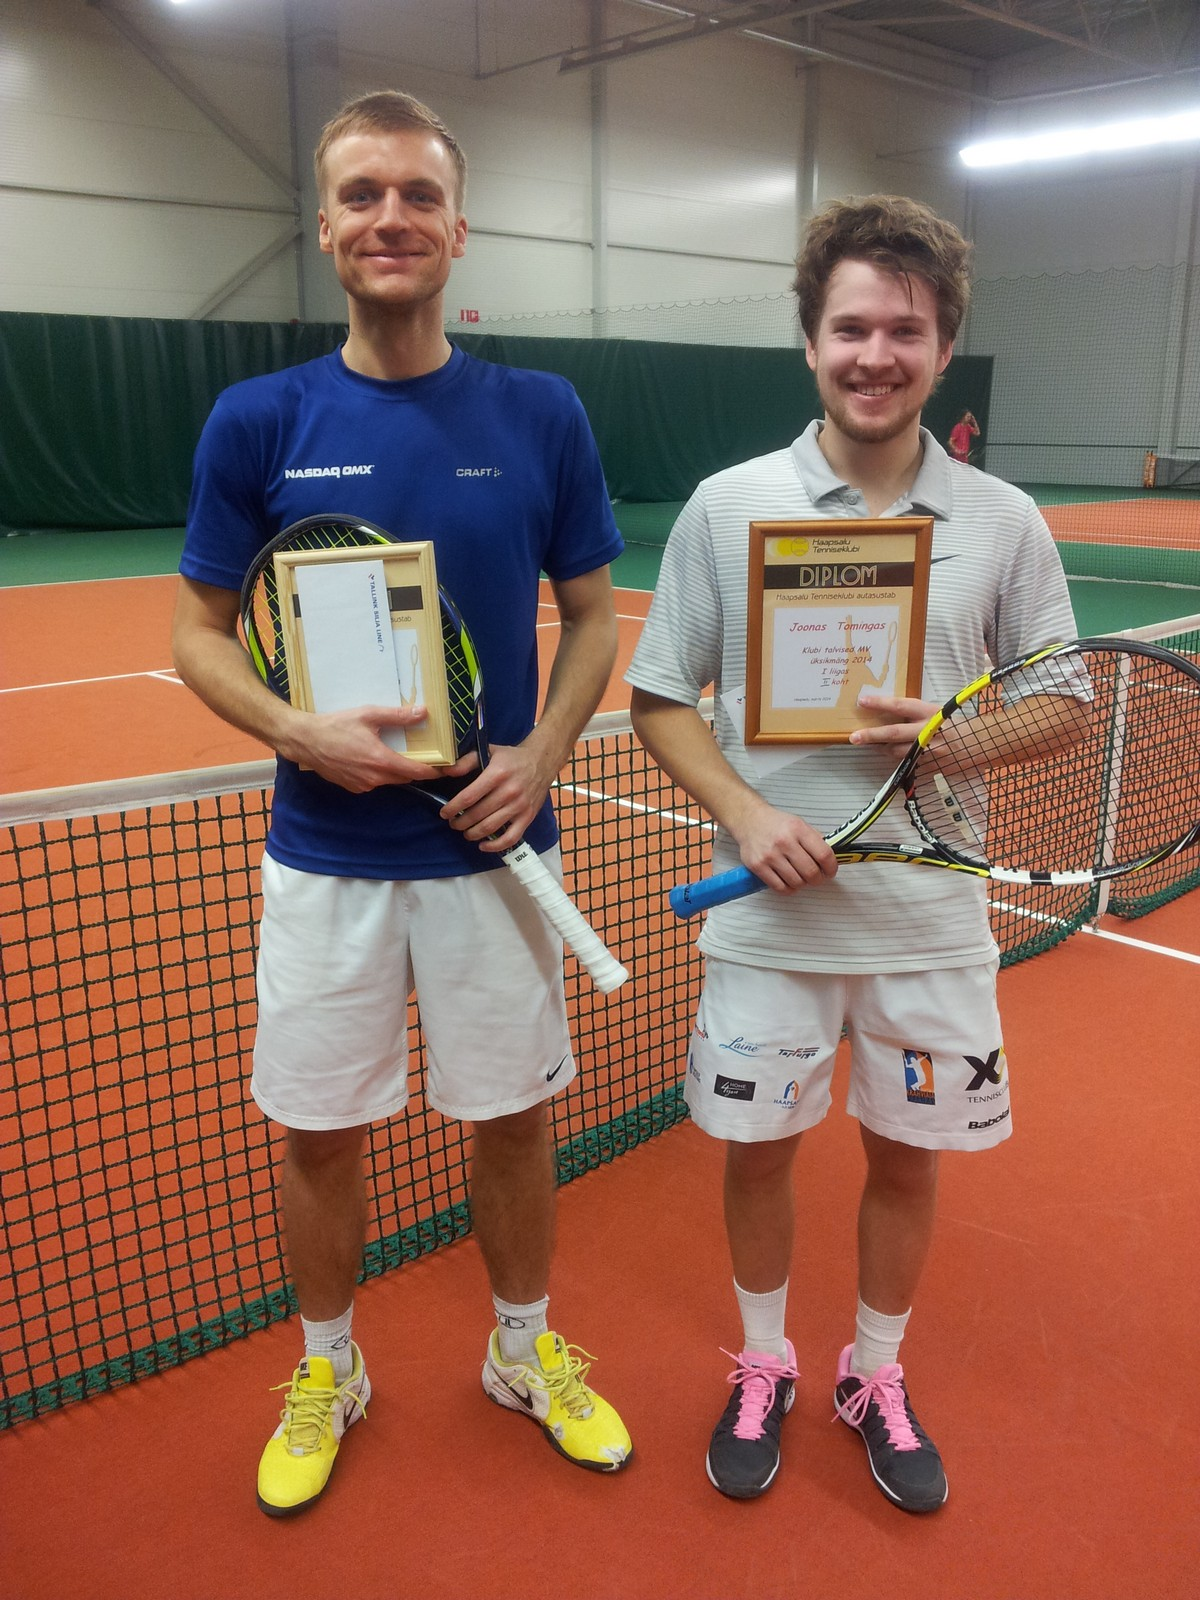 Ott Raidla ja Kalju Aigro võidukad Haapsalu Tenniseklubi lahtistel meistrivõistlustel!